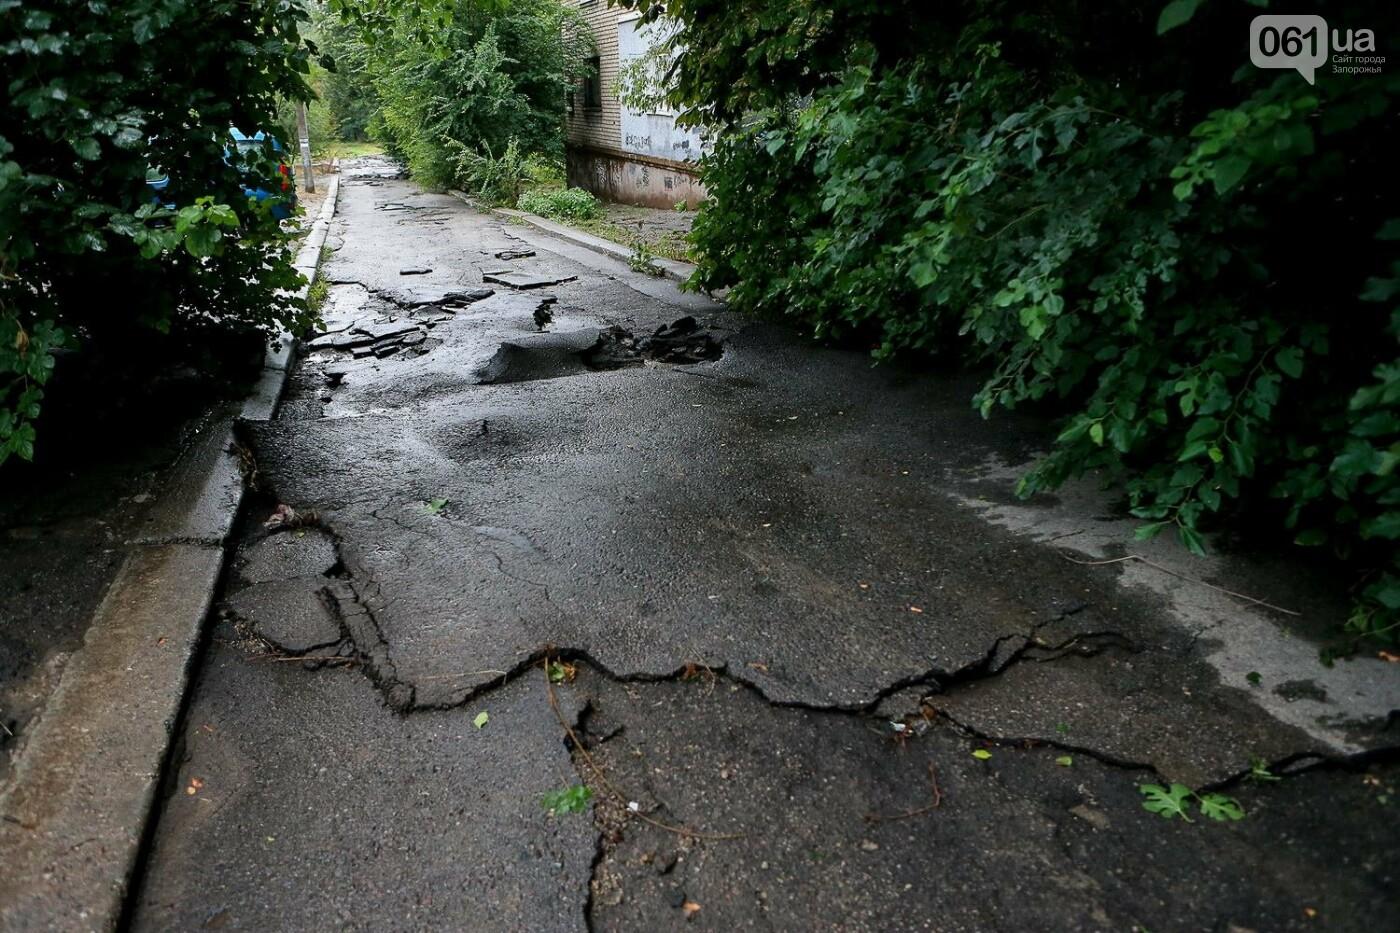 В Запорожье после ливней разрушены дороги: почему это произошло и за чей счет отремонтируют, - ФОТОРЕПОРТАЖ, фото-10